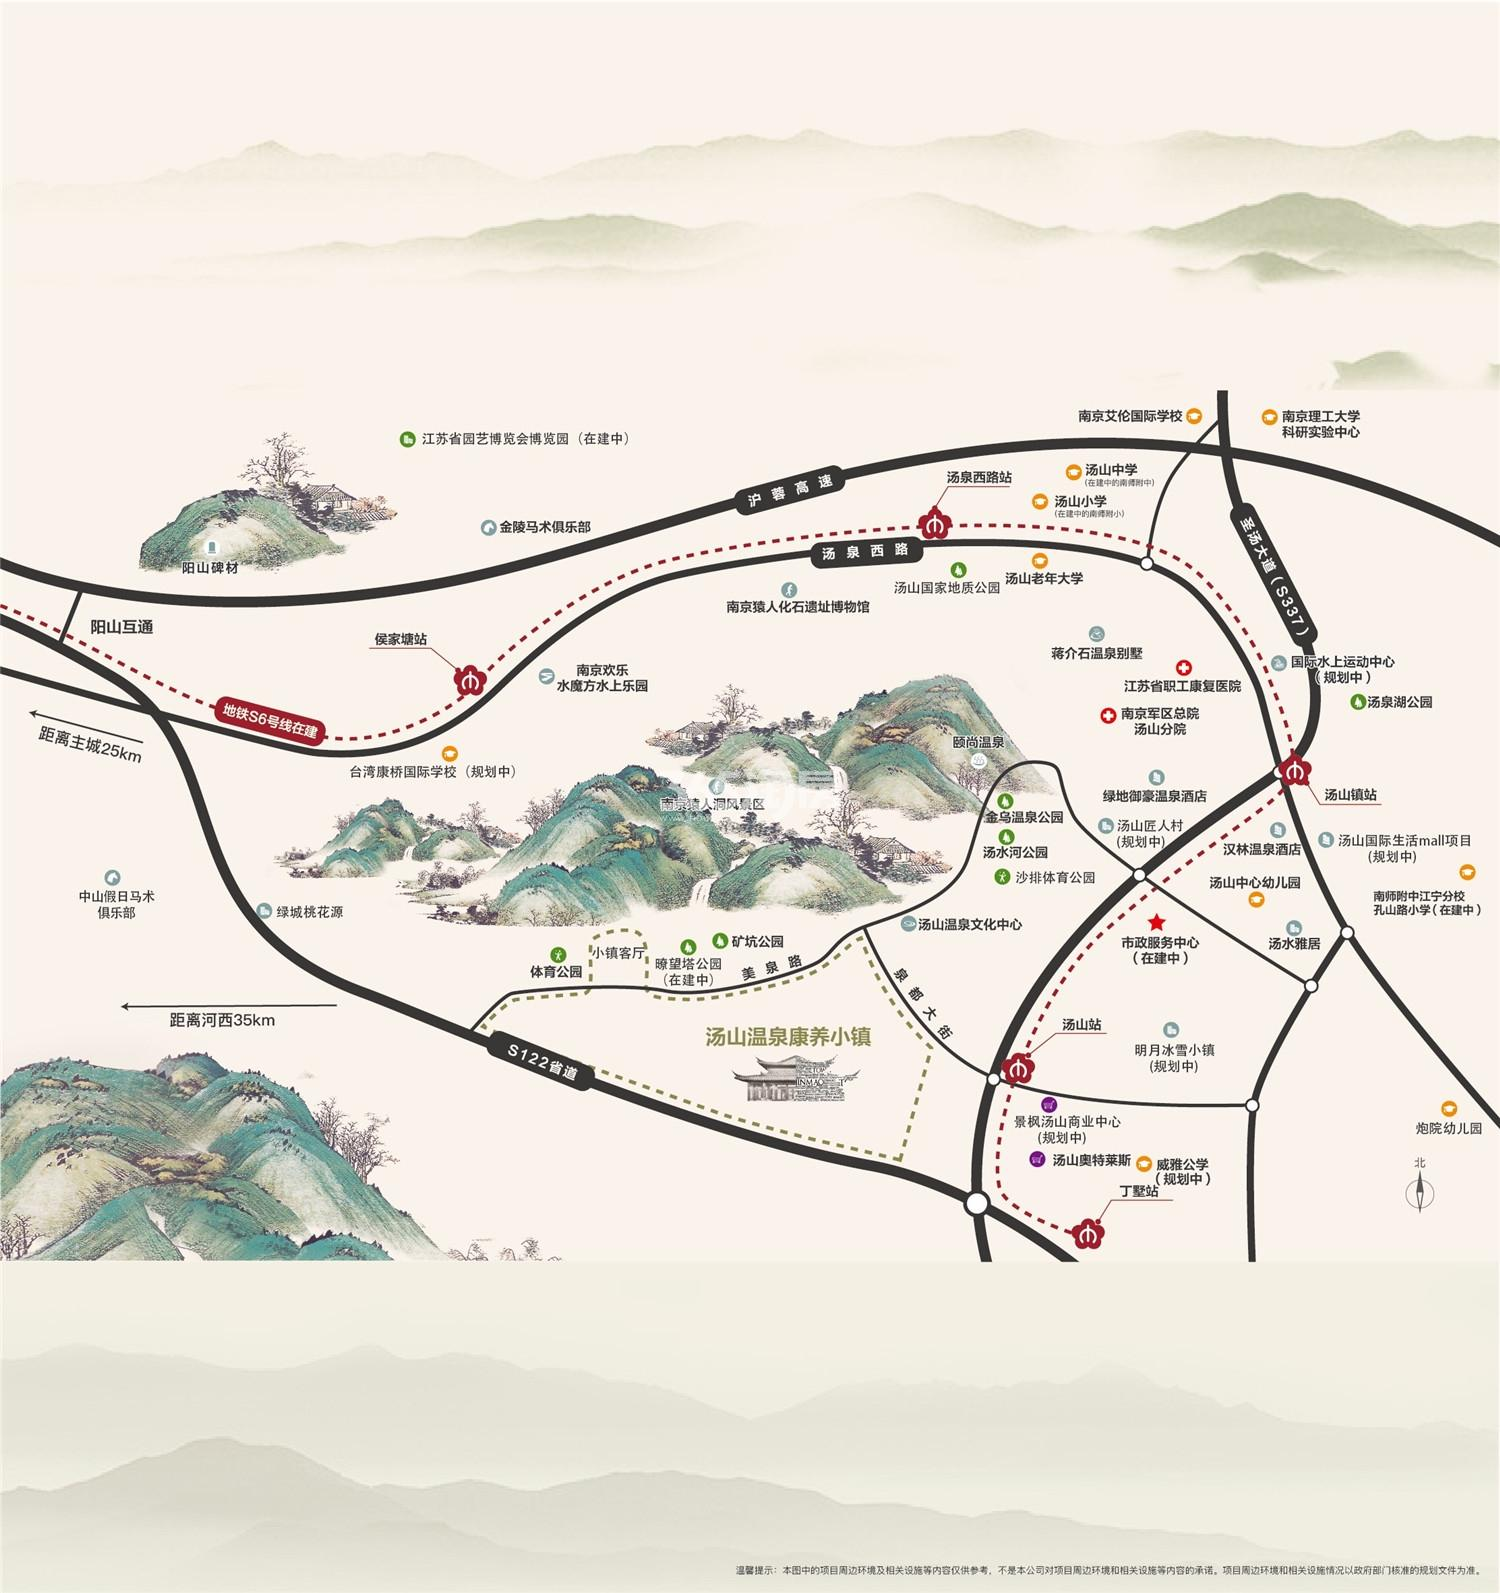 汤山温泉康养小镇交通图